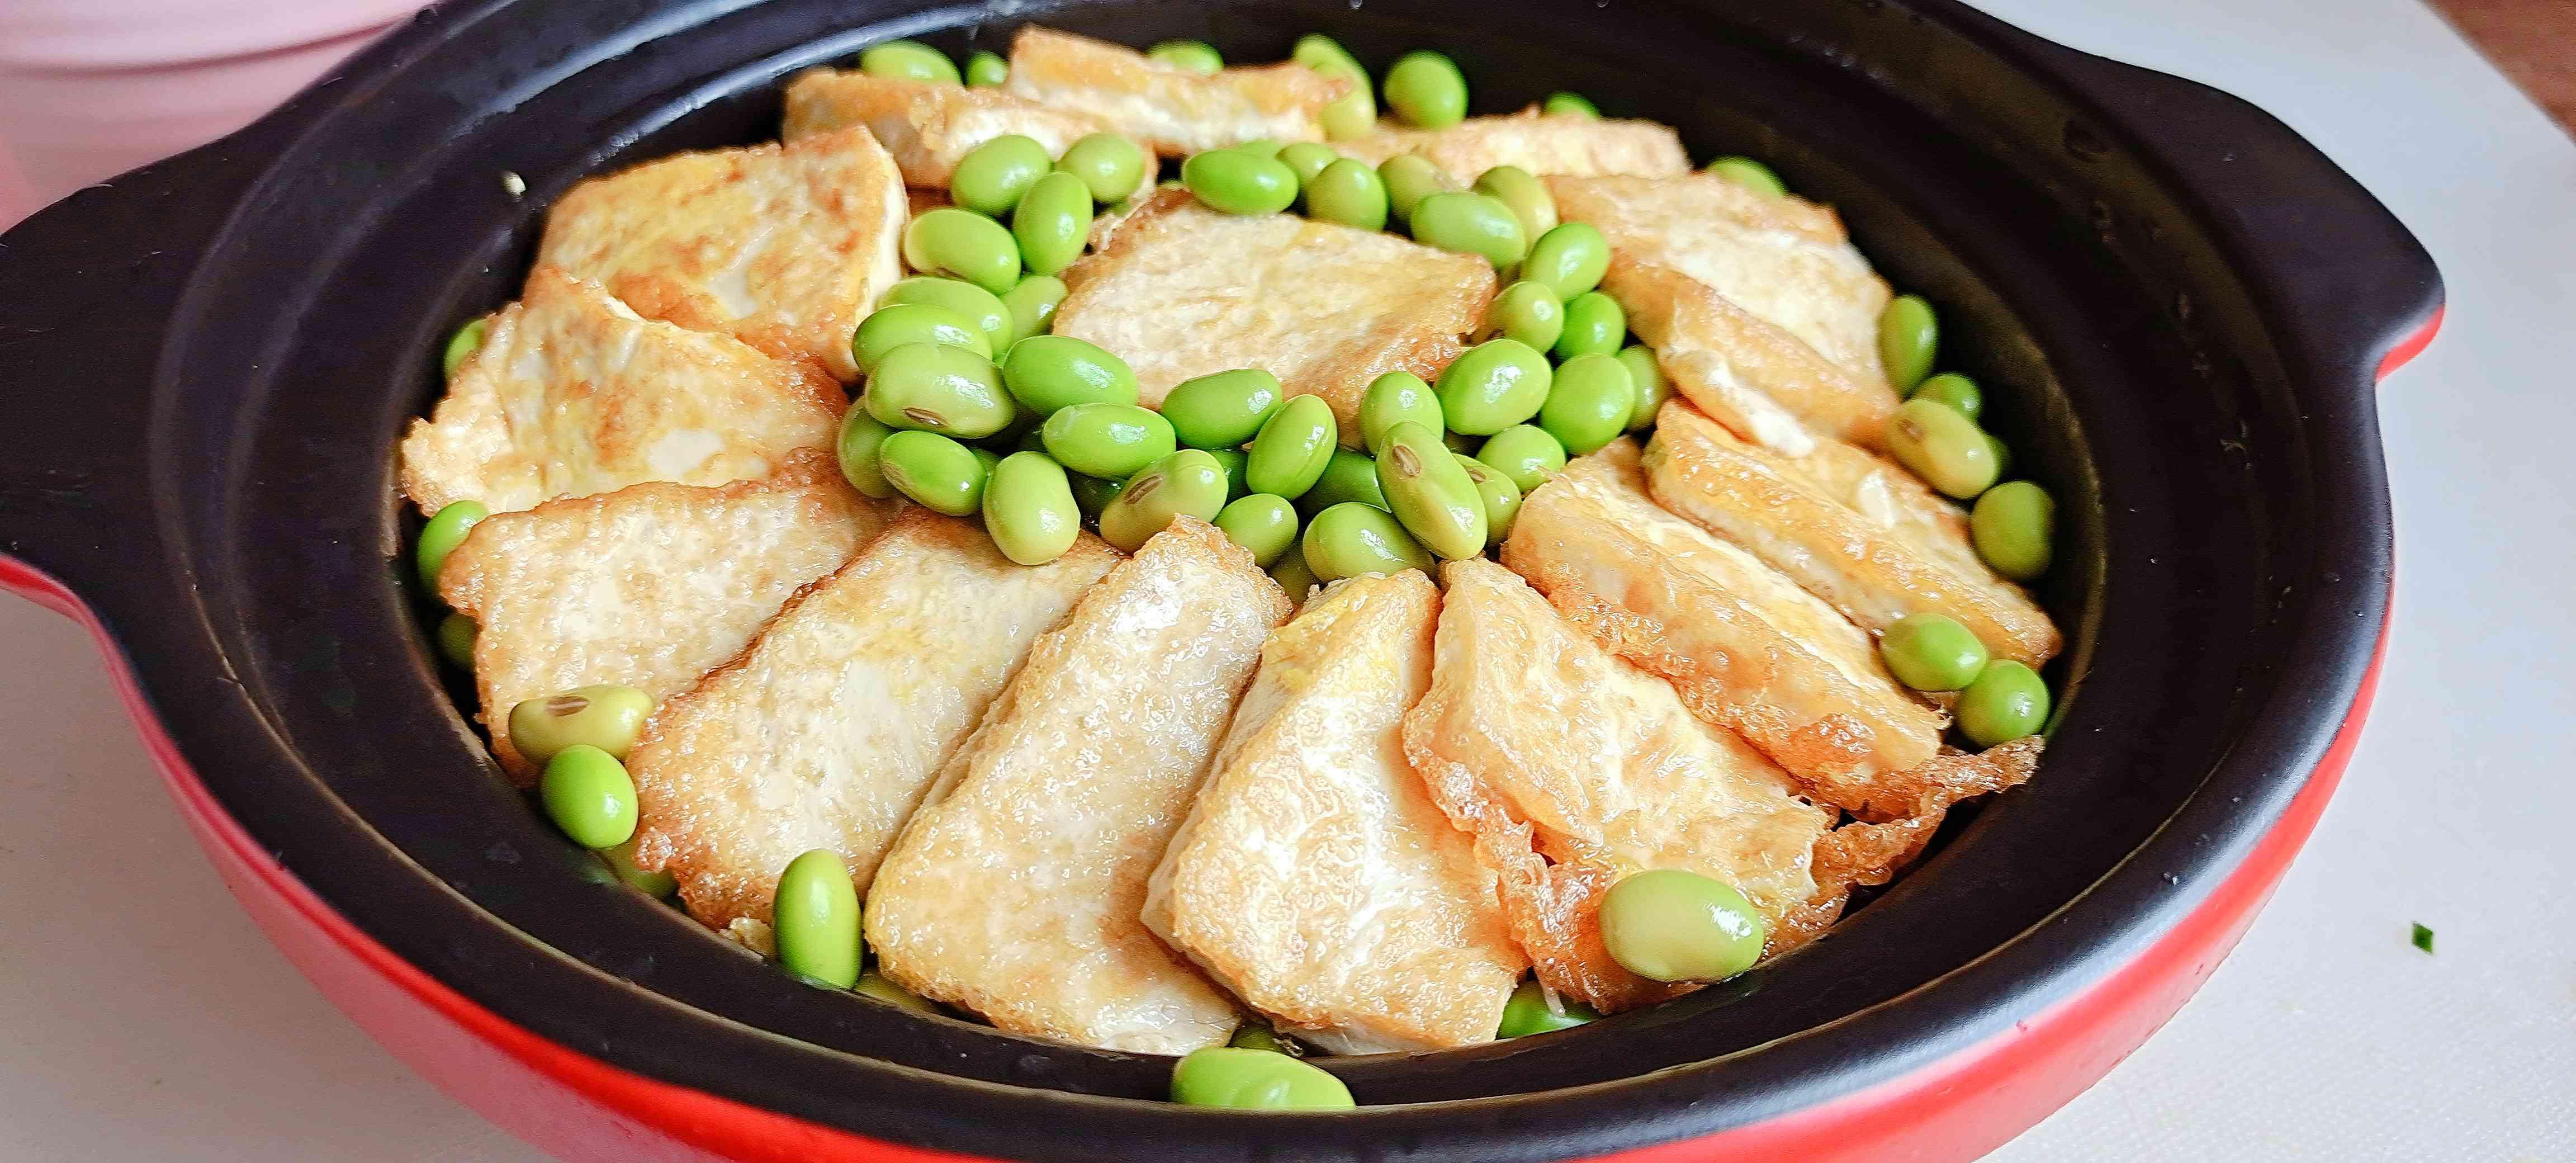 秋冬这样吃豆腐,暖身又下饭…金针豆腐煲怎么炖